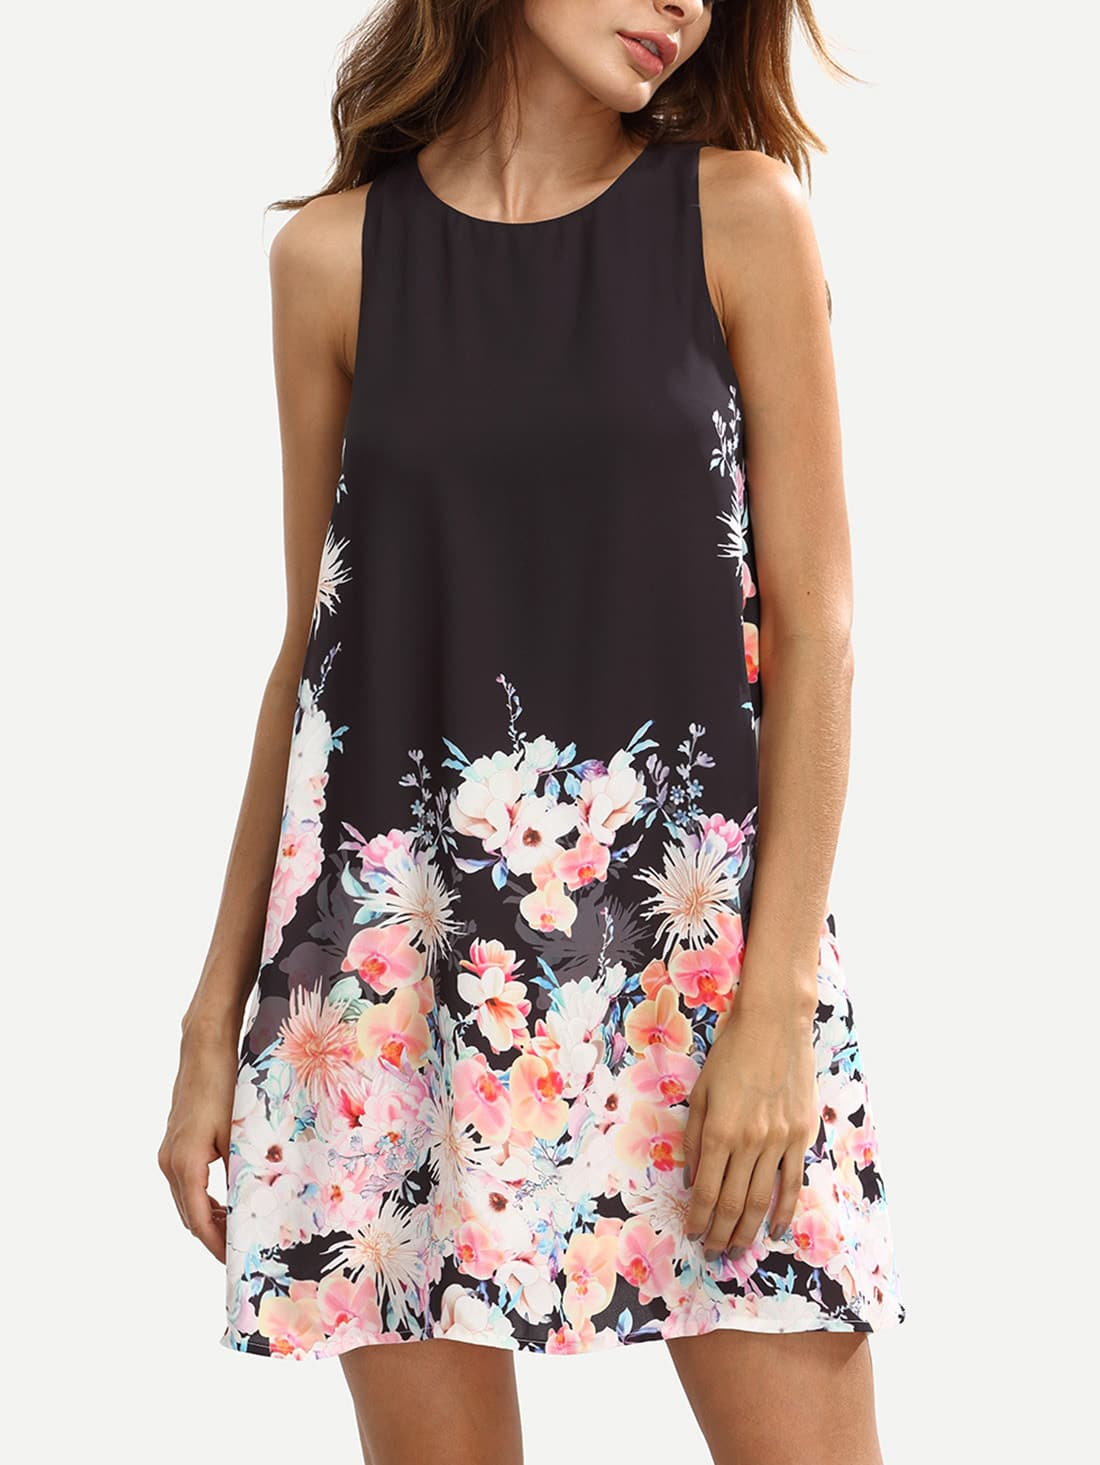 Фото Floral Print Keyhole Back Swing Tank Dress. Купить с доставкой